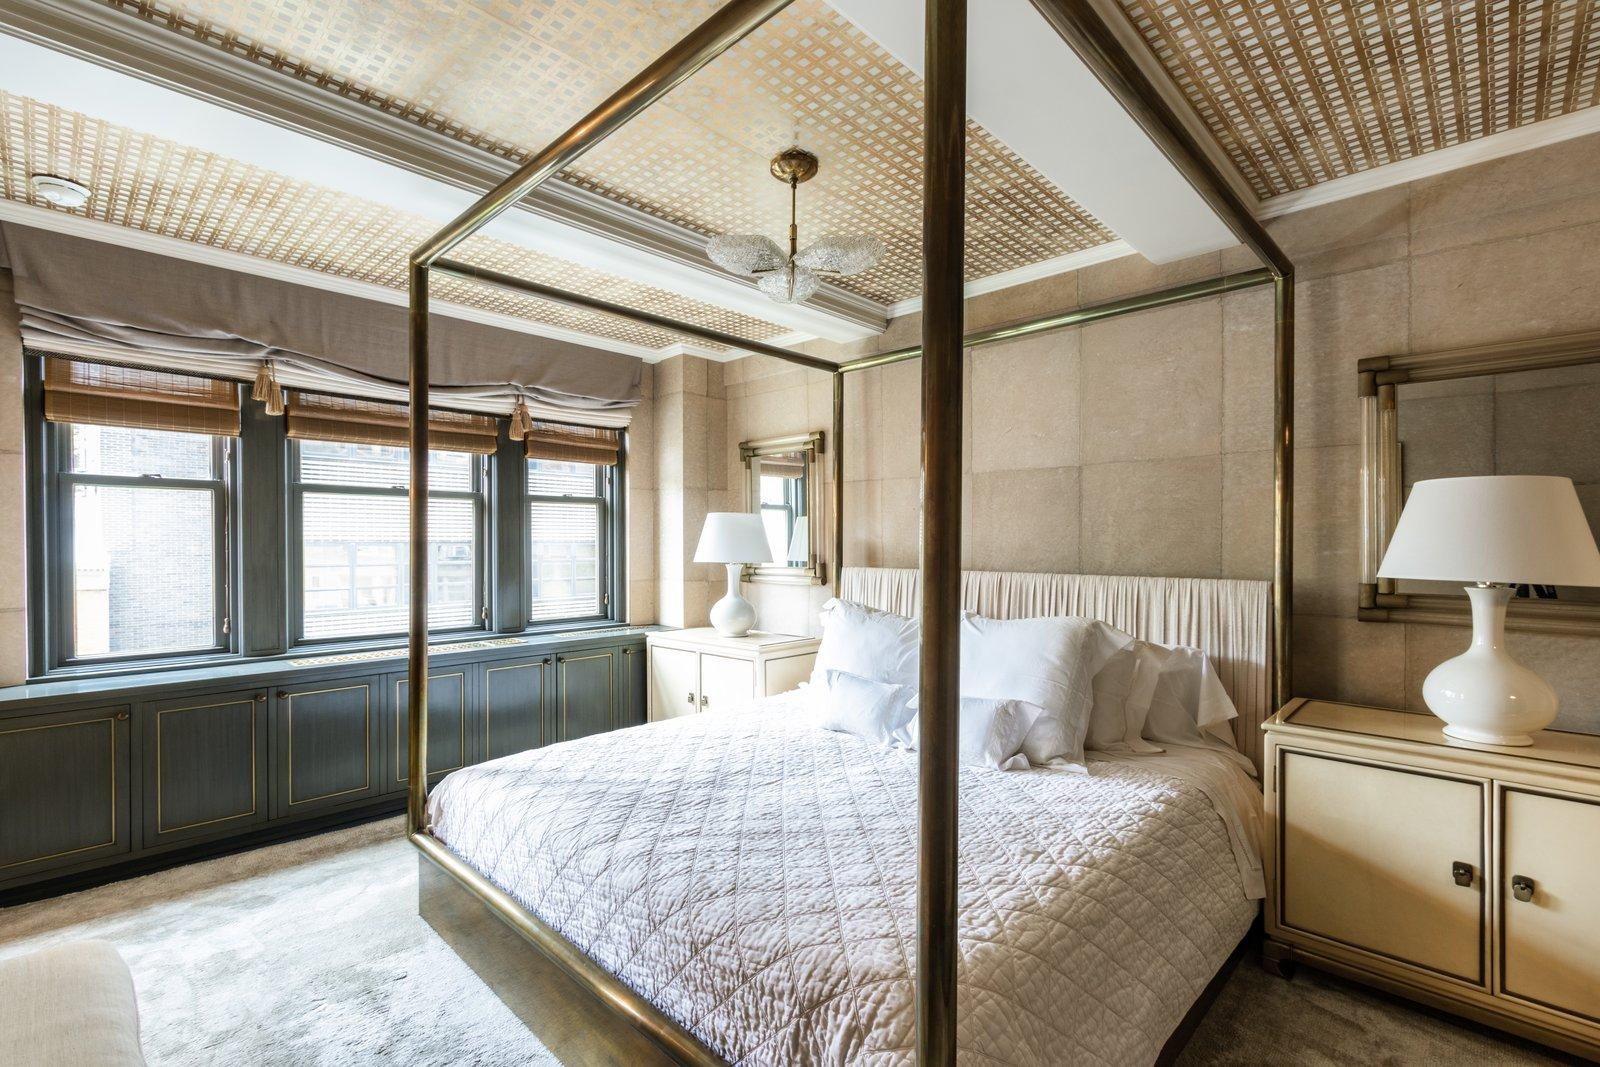 Cameron Diaz West Village Condo guest room